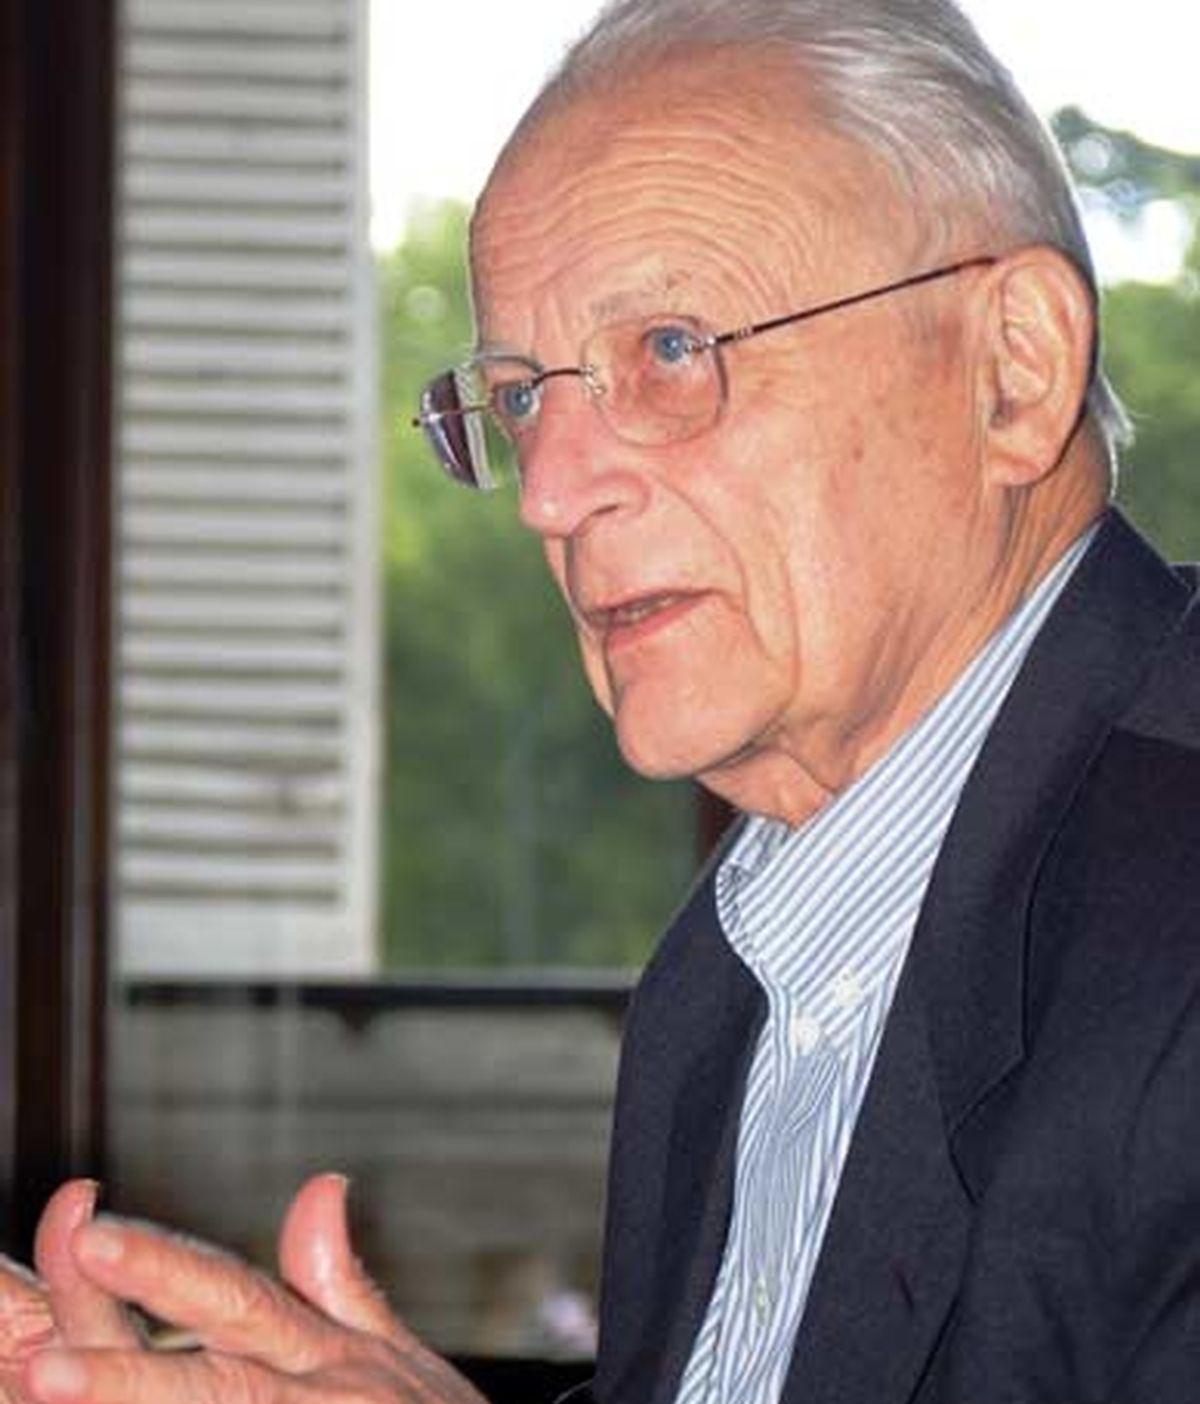 El sociólogo Alain Touraine durante la entrevista con InformativosTelecinco.com. Foto: Quieres Callarte